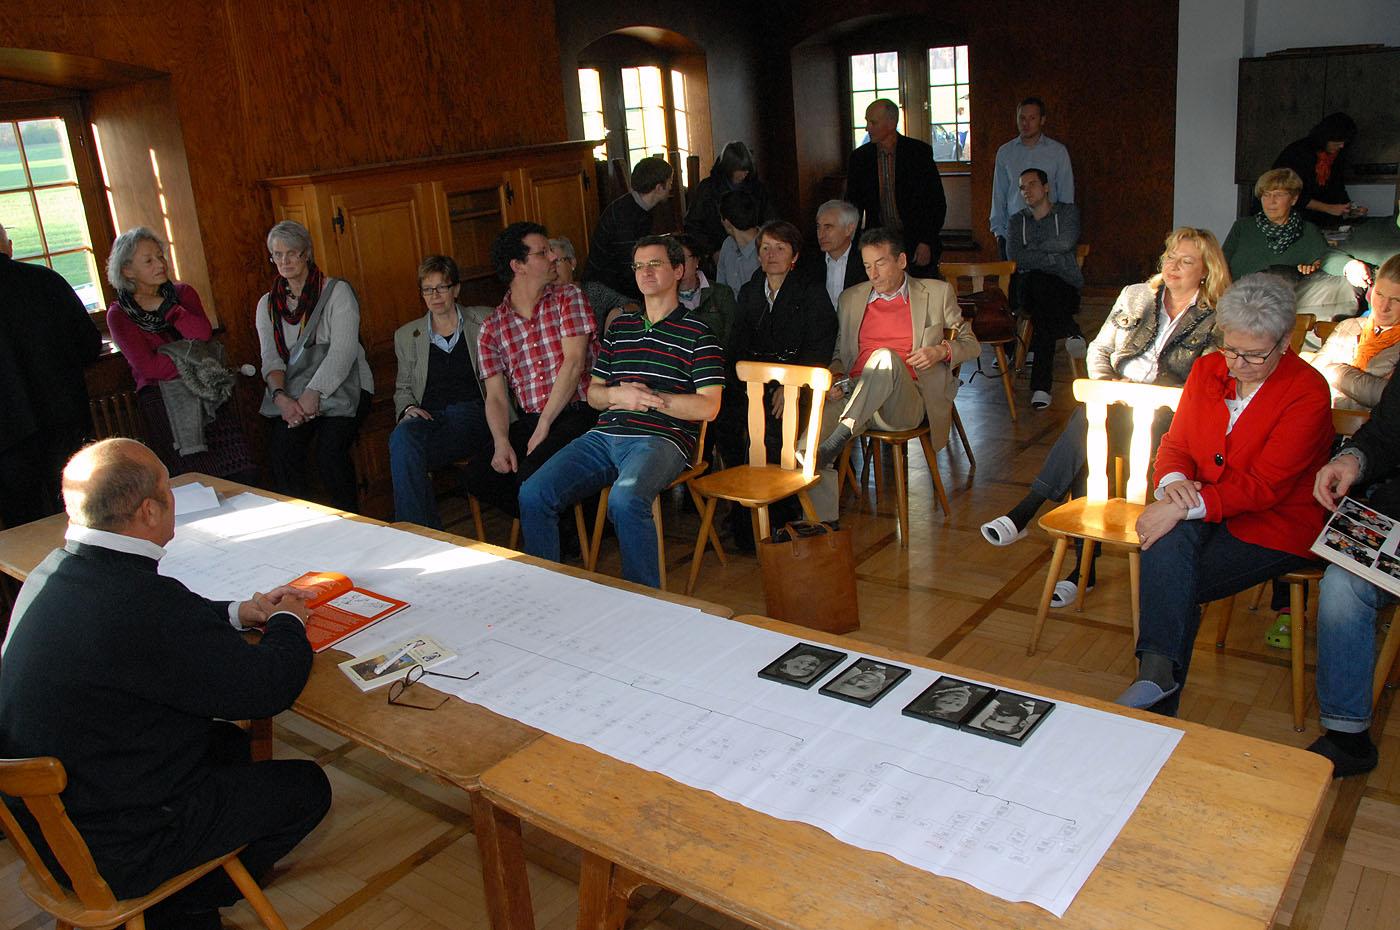 Familientag_23.11.14-Einsiedel_Foto bräu_181